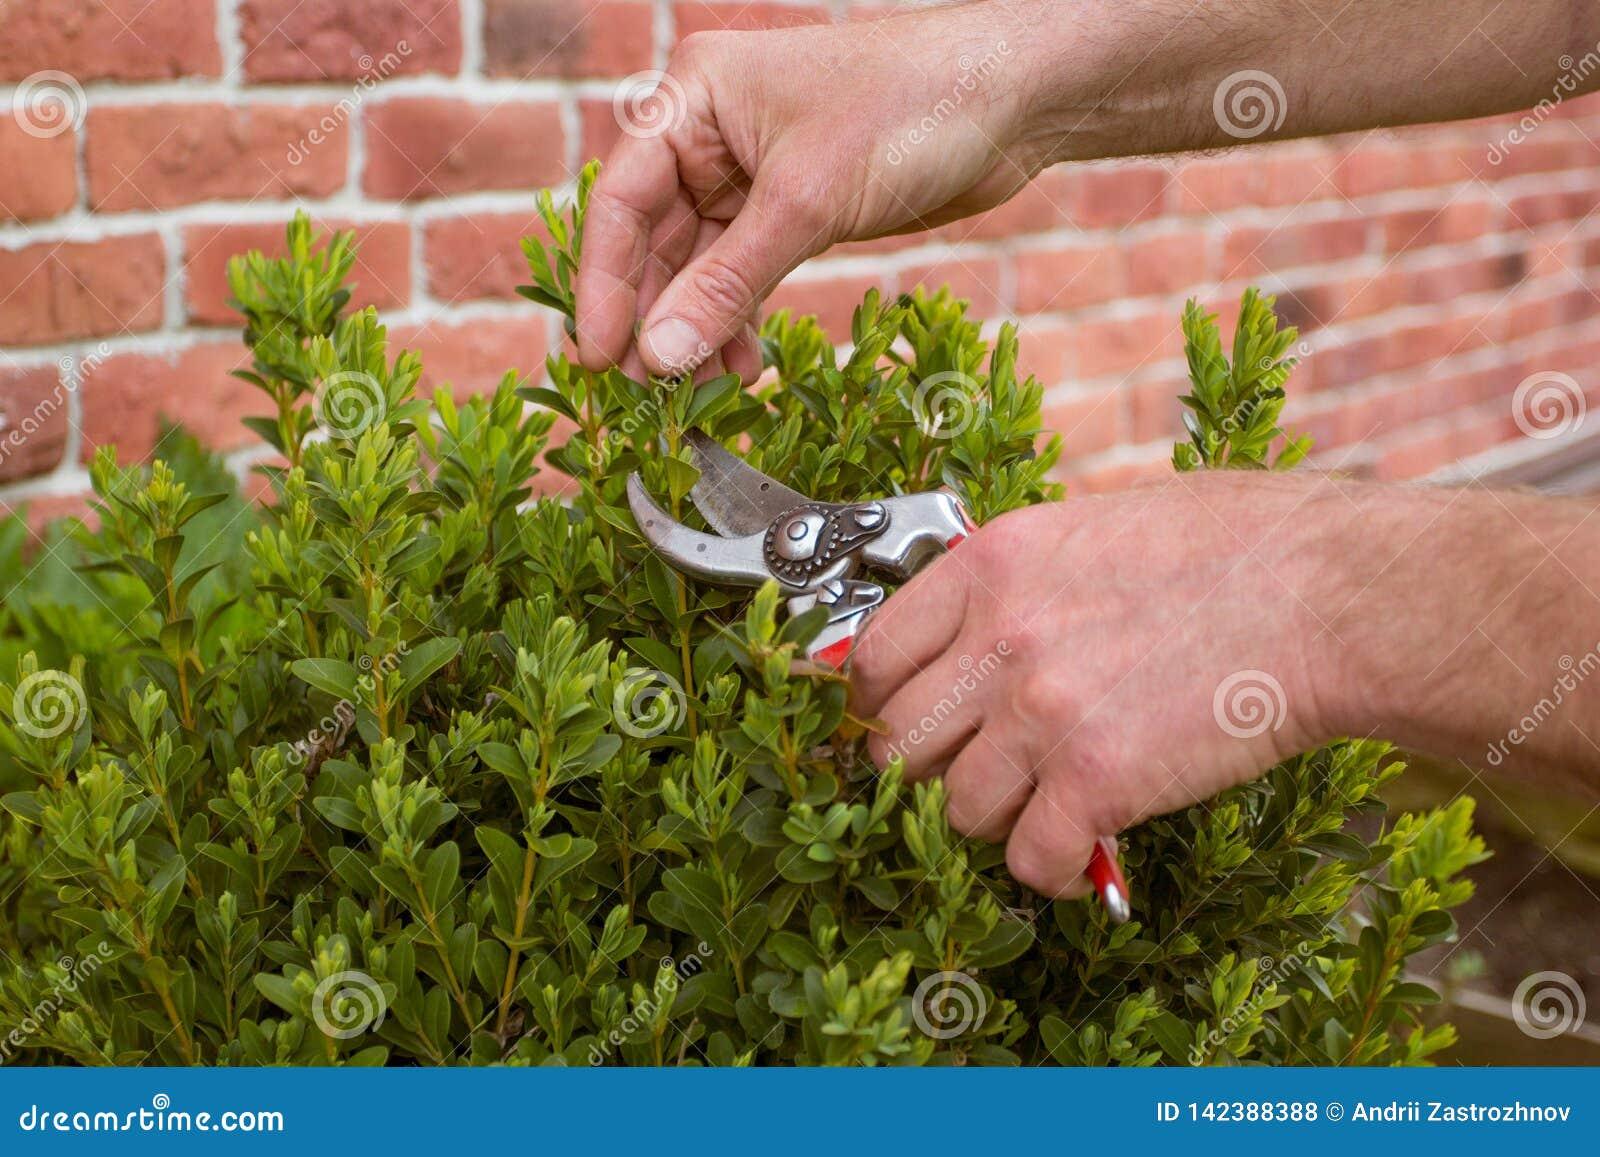 Close-up Scharen van de handen de tuinman gesnoeide struik